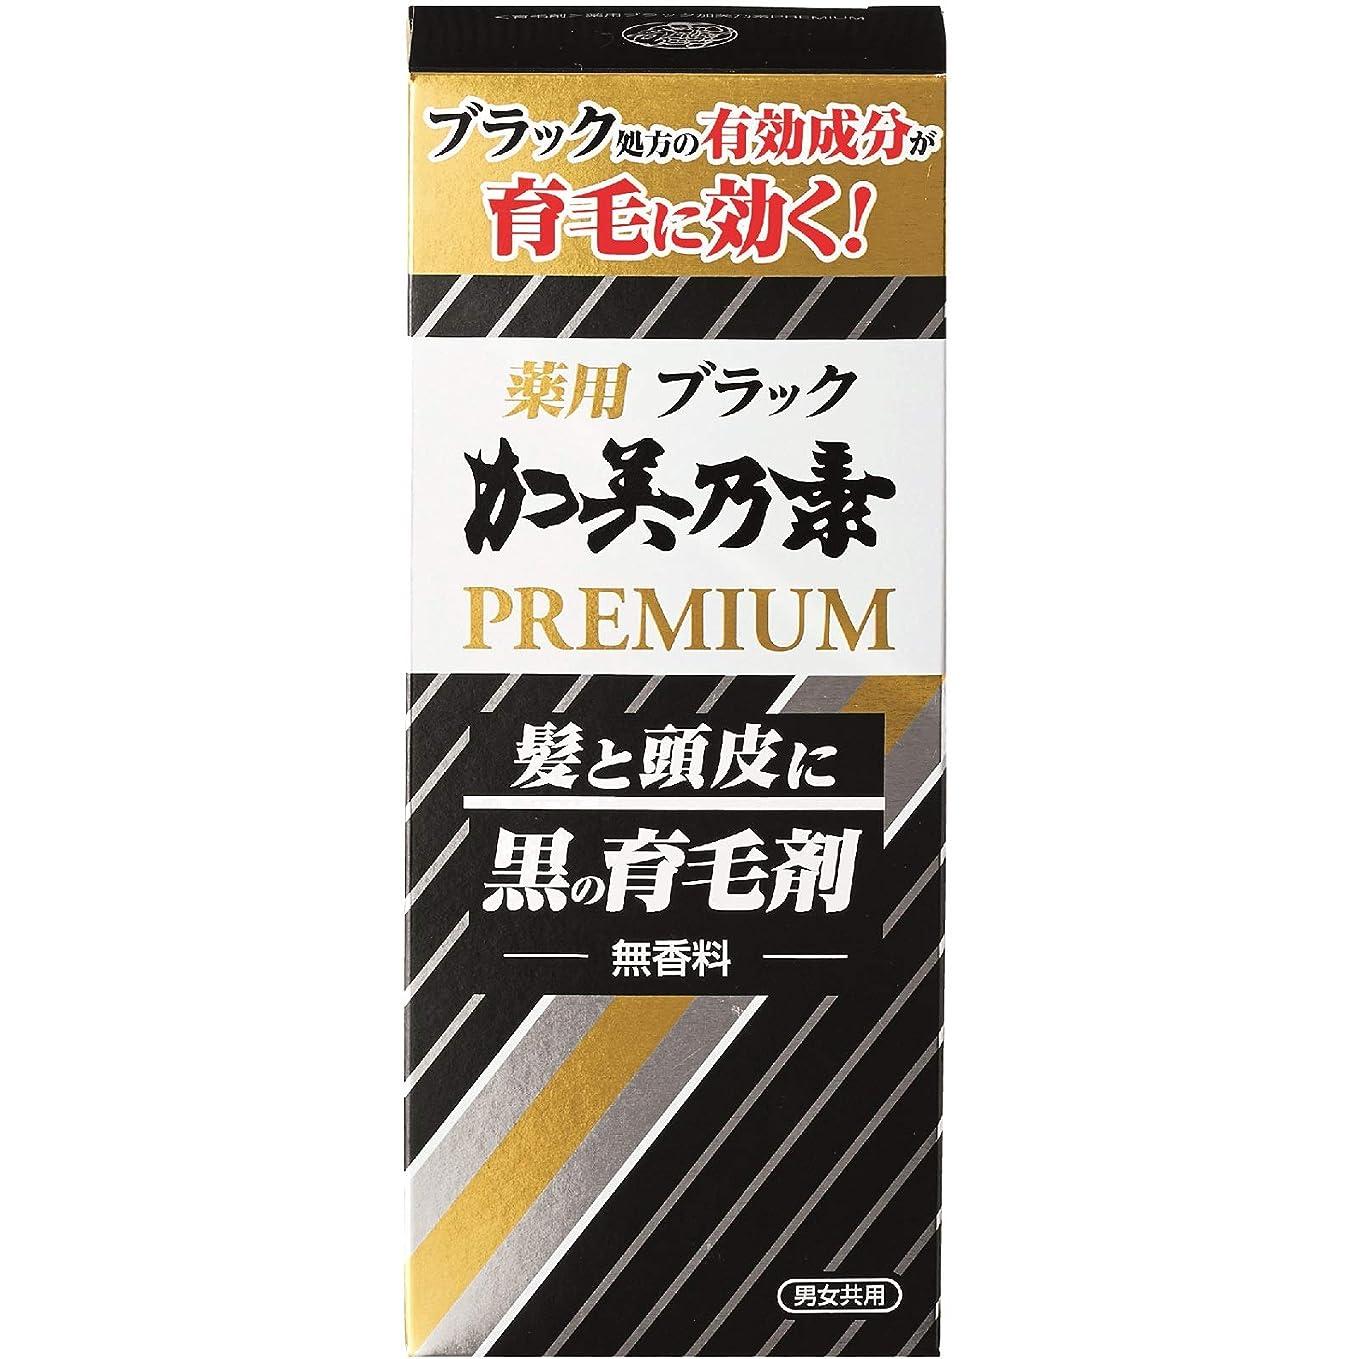 驚くばかりカタログ隠された薬用ブラック加美乃素 PREMIUM 180ml